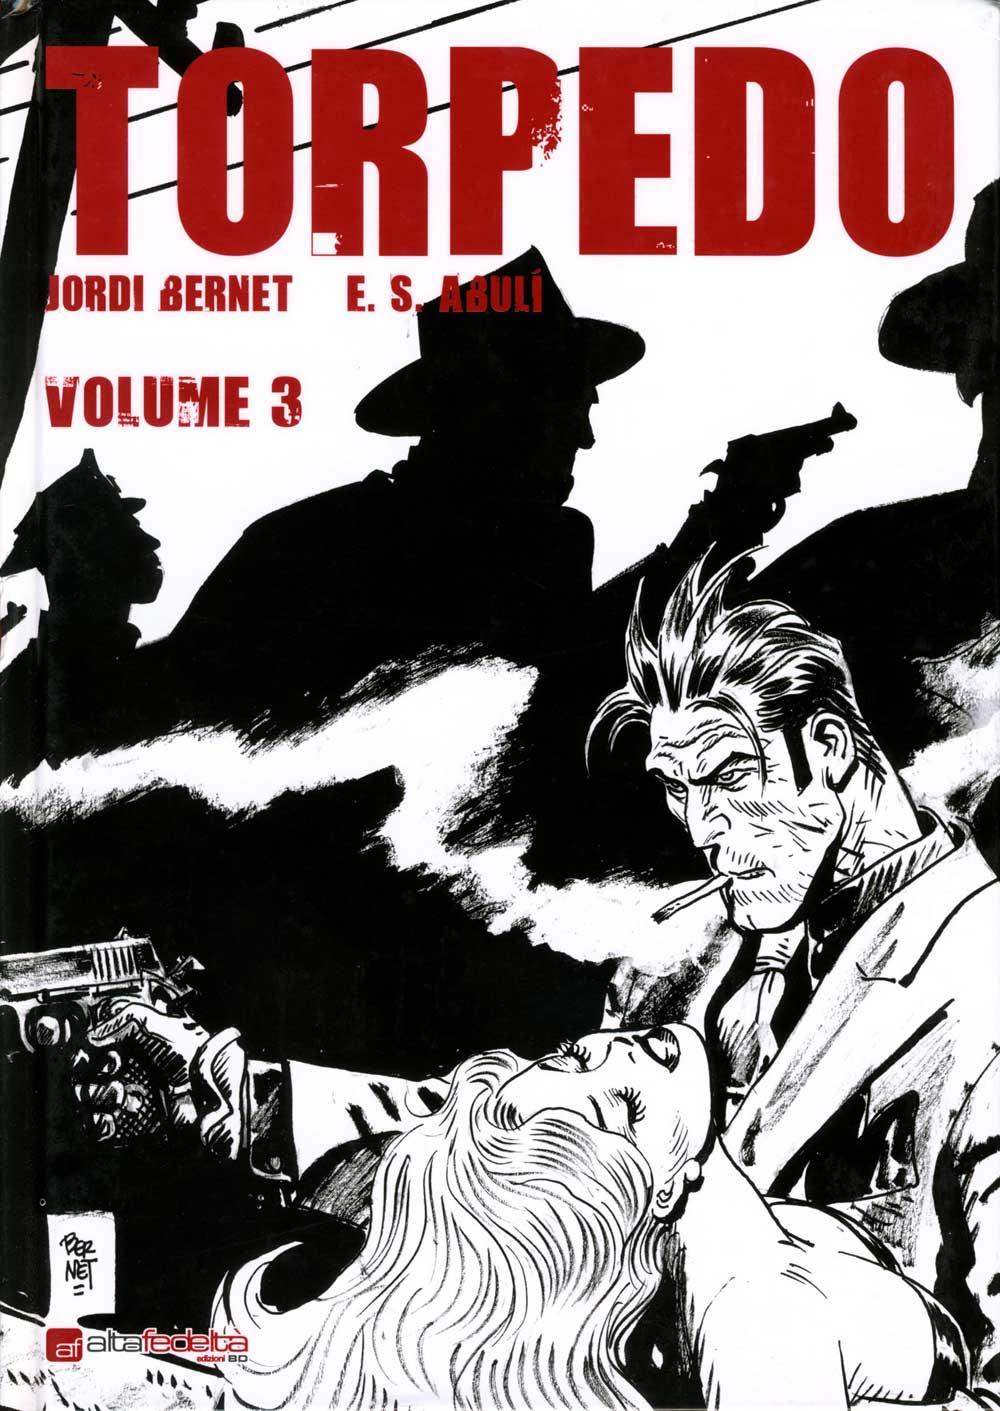 300: E. S. Abulì e Jordi Bernet – Torpedo, volume 3